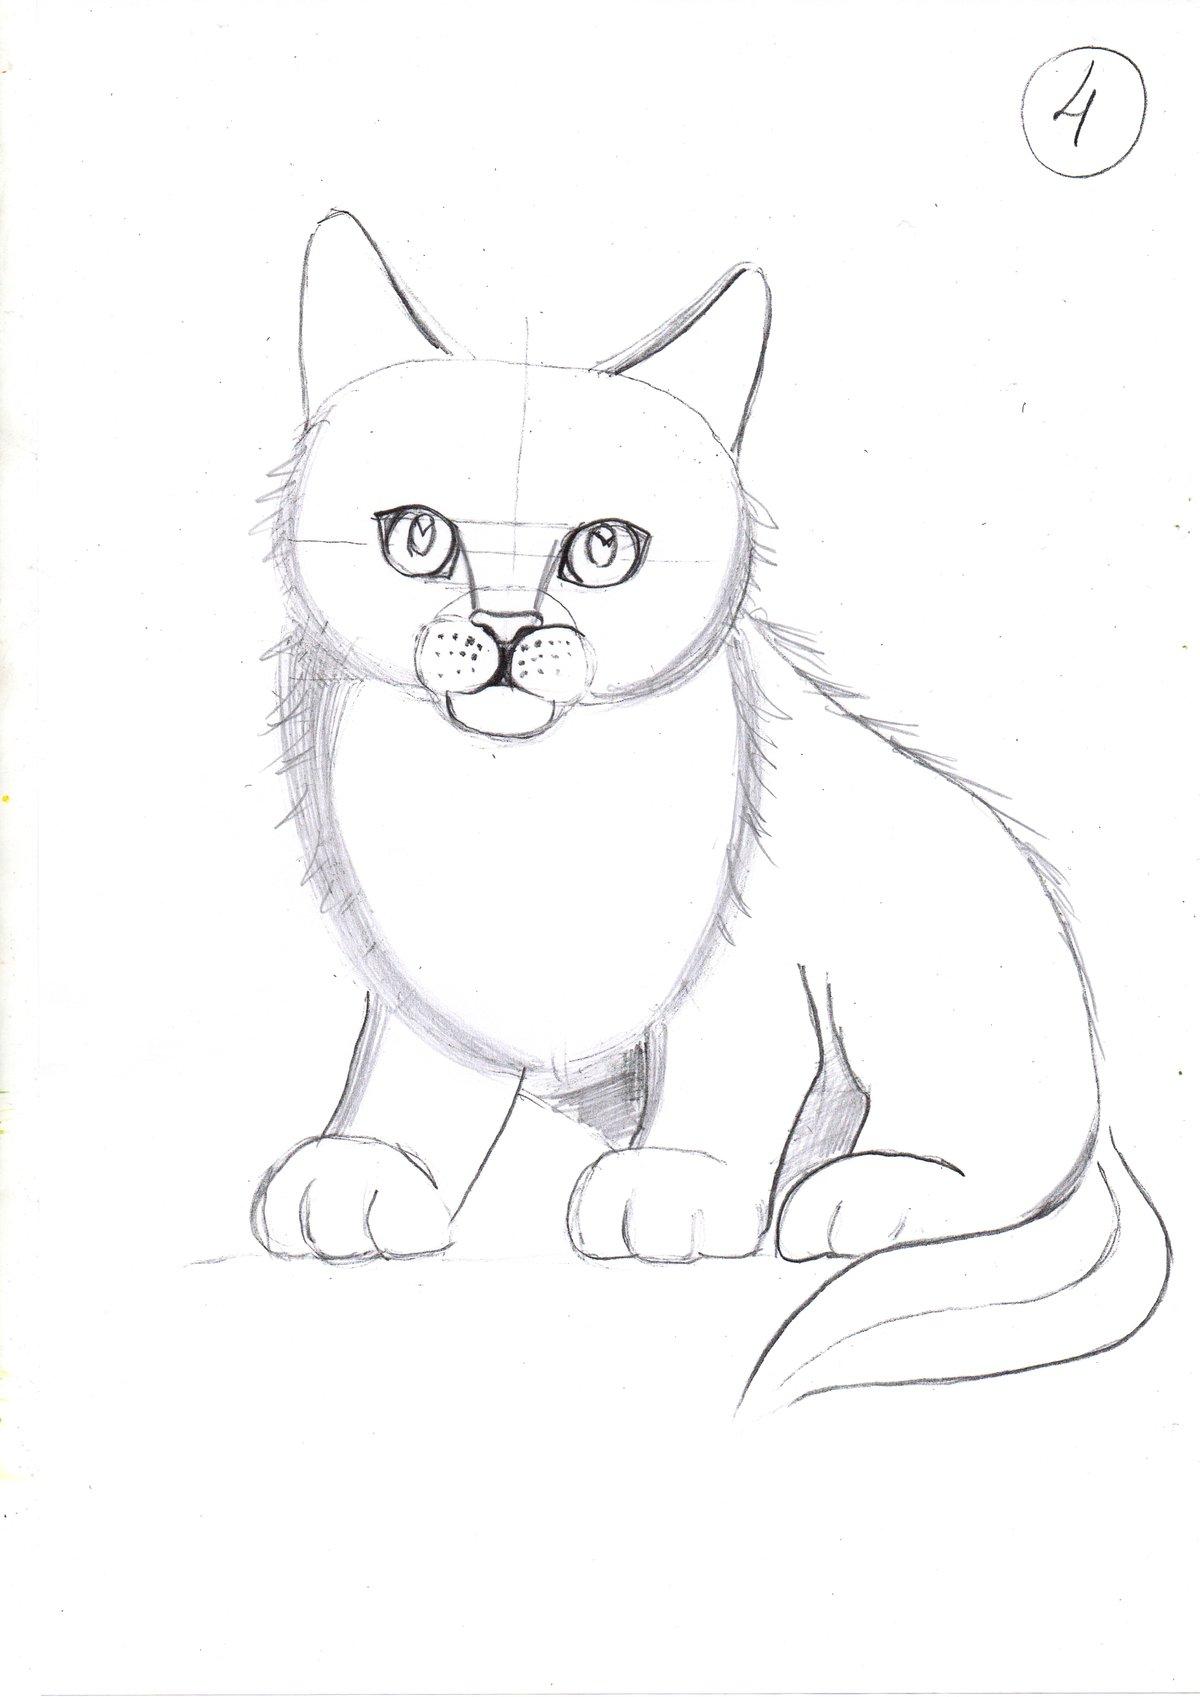 Картинки с животными нарисованные карандашом для детей, папе